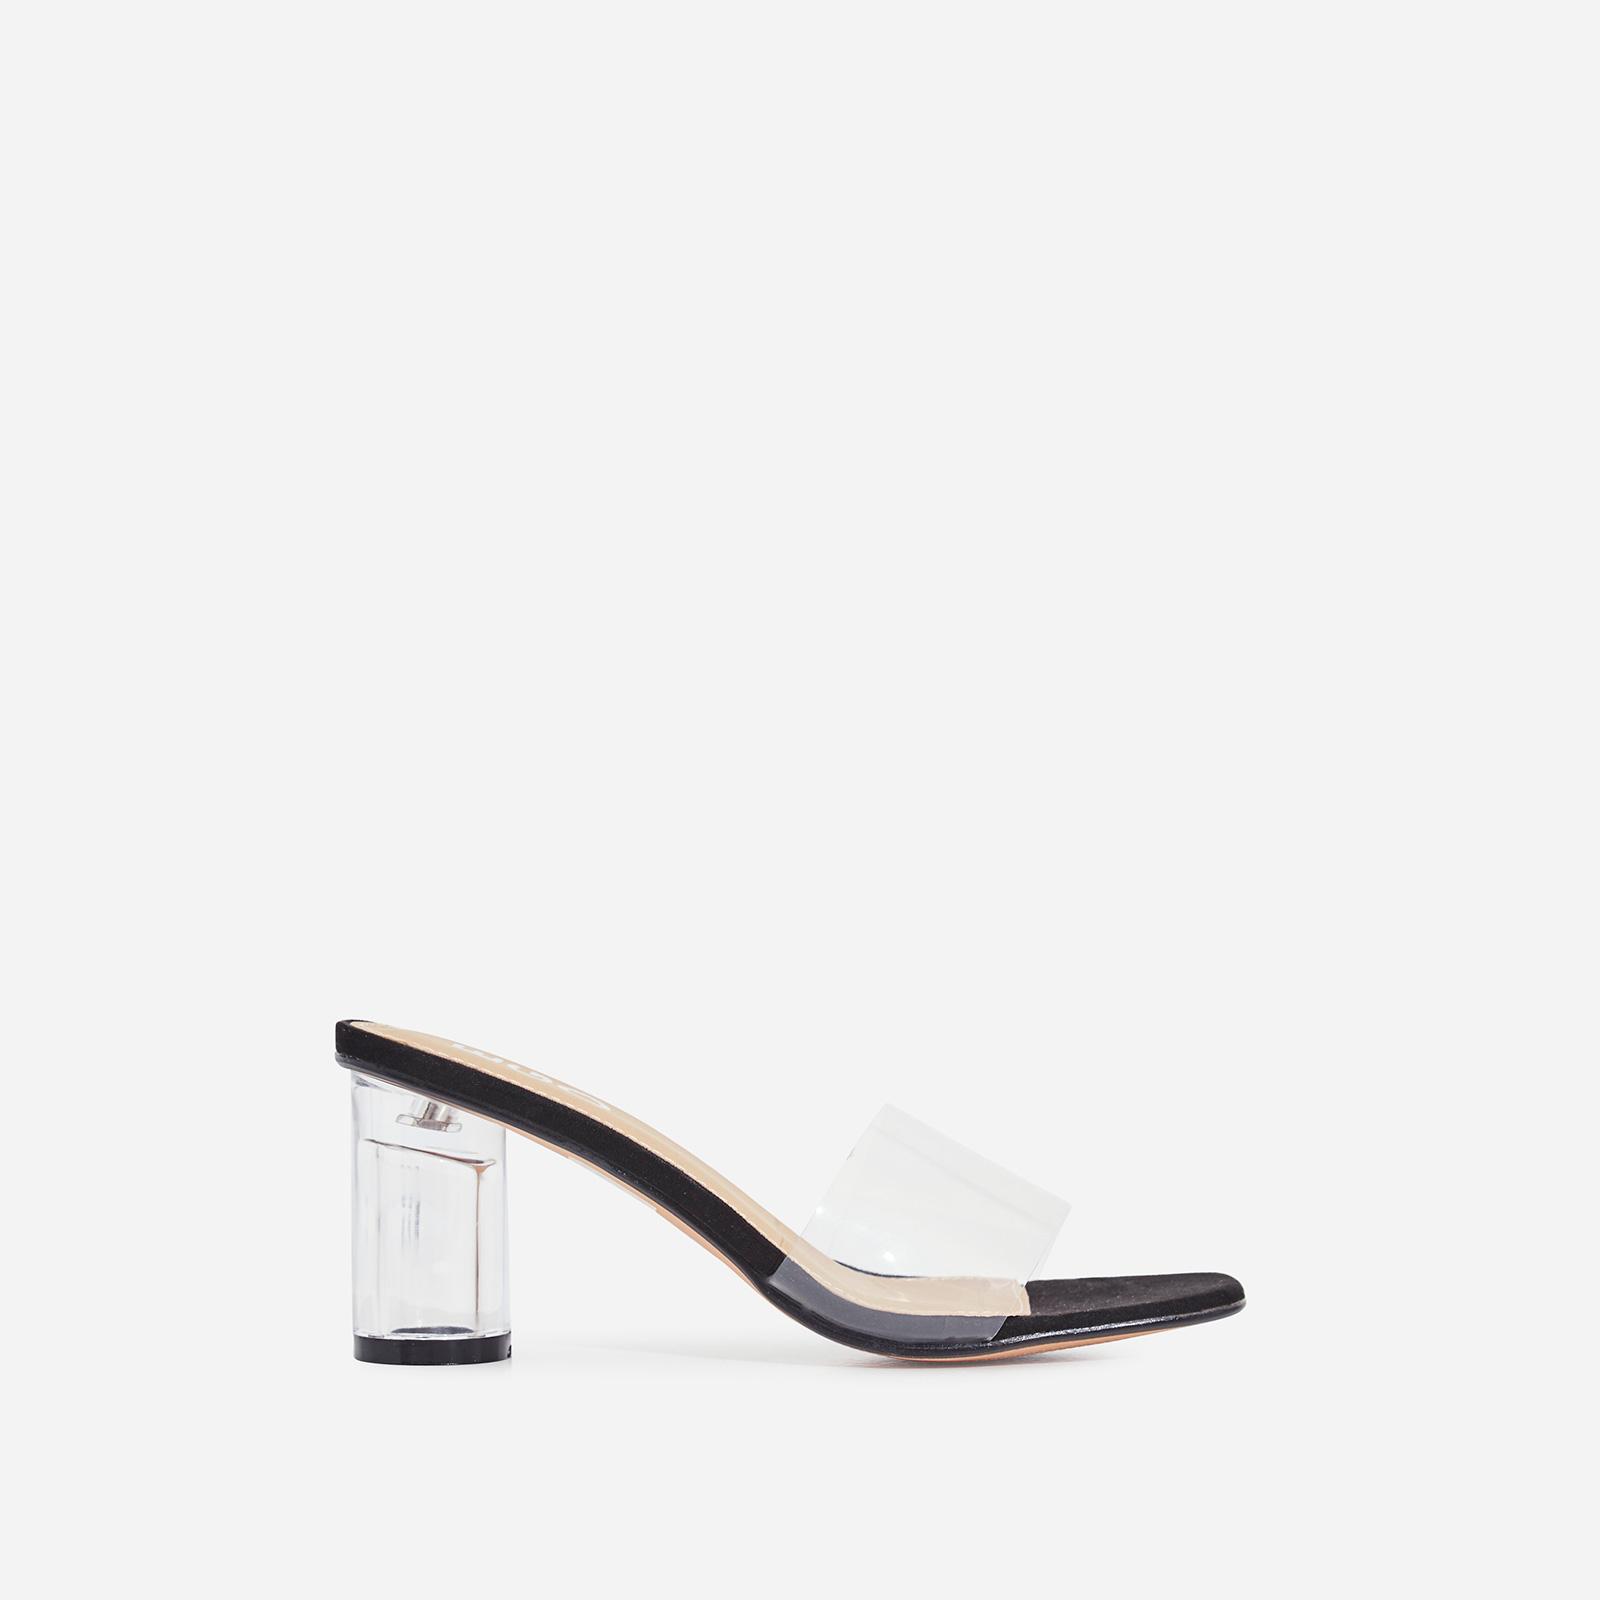 Alva Perspex Square Peep Toe Midi Block Heel Mule In Black Faux Suede